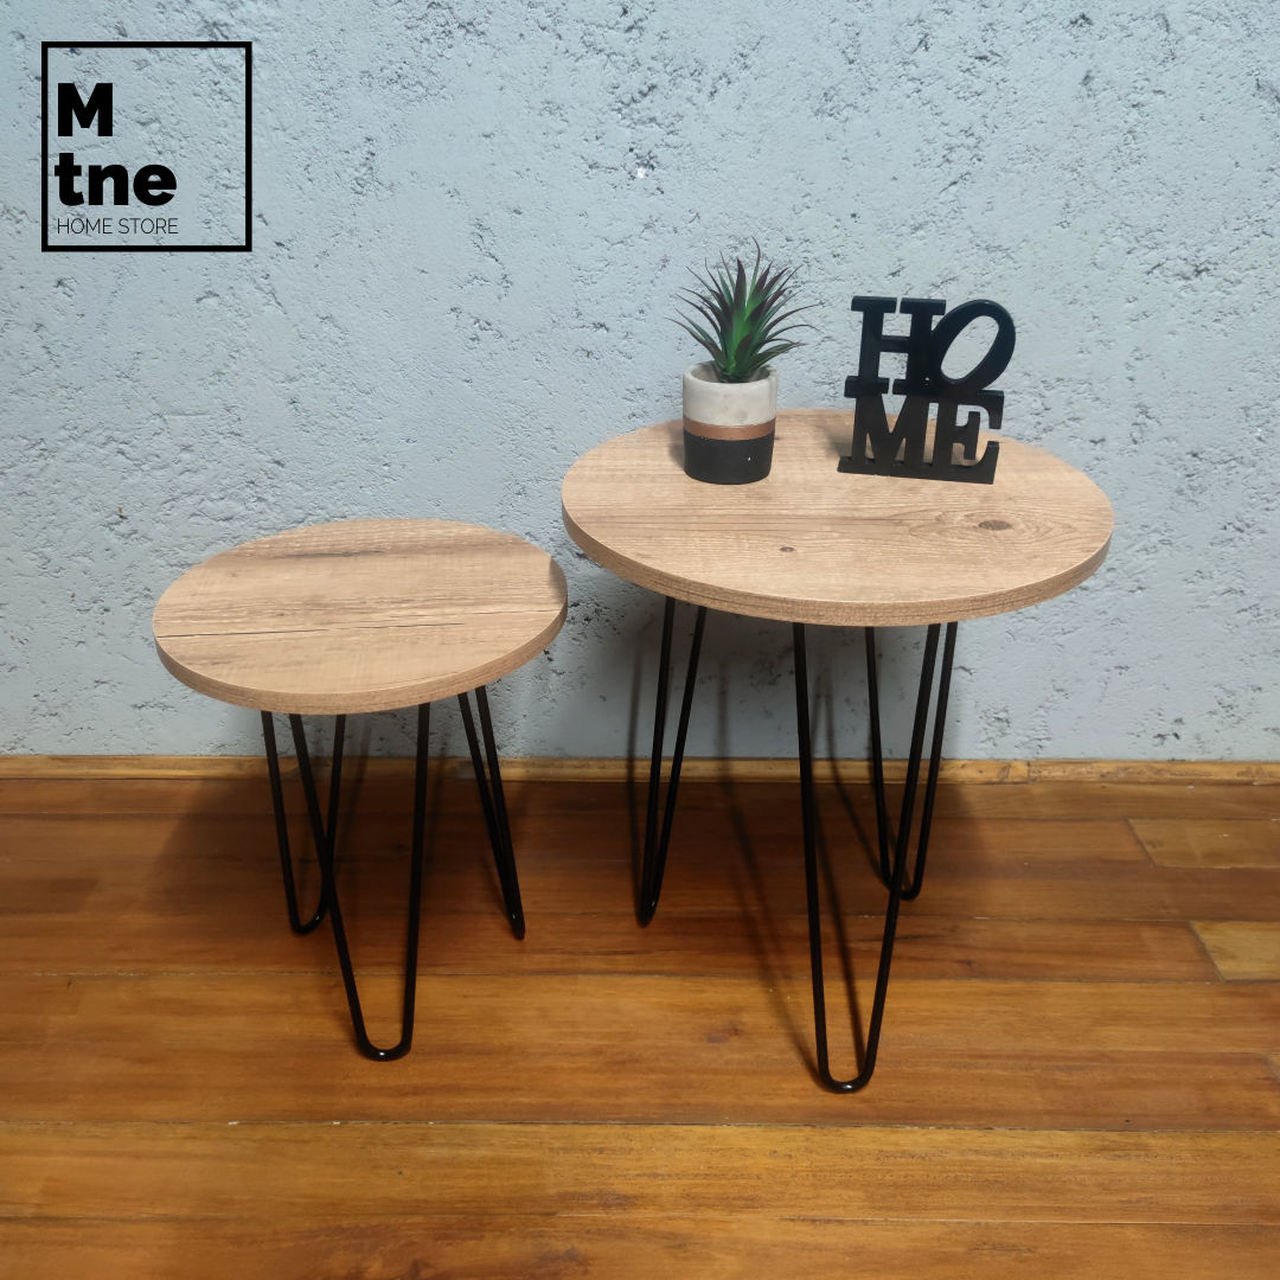 Conjunto de Mesinhas de Apoio Redondas com Hairpin Legs e Tampo 100% MDF Antiqua  - Mtne Store